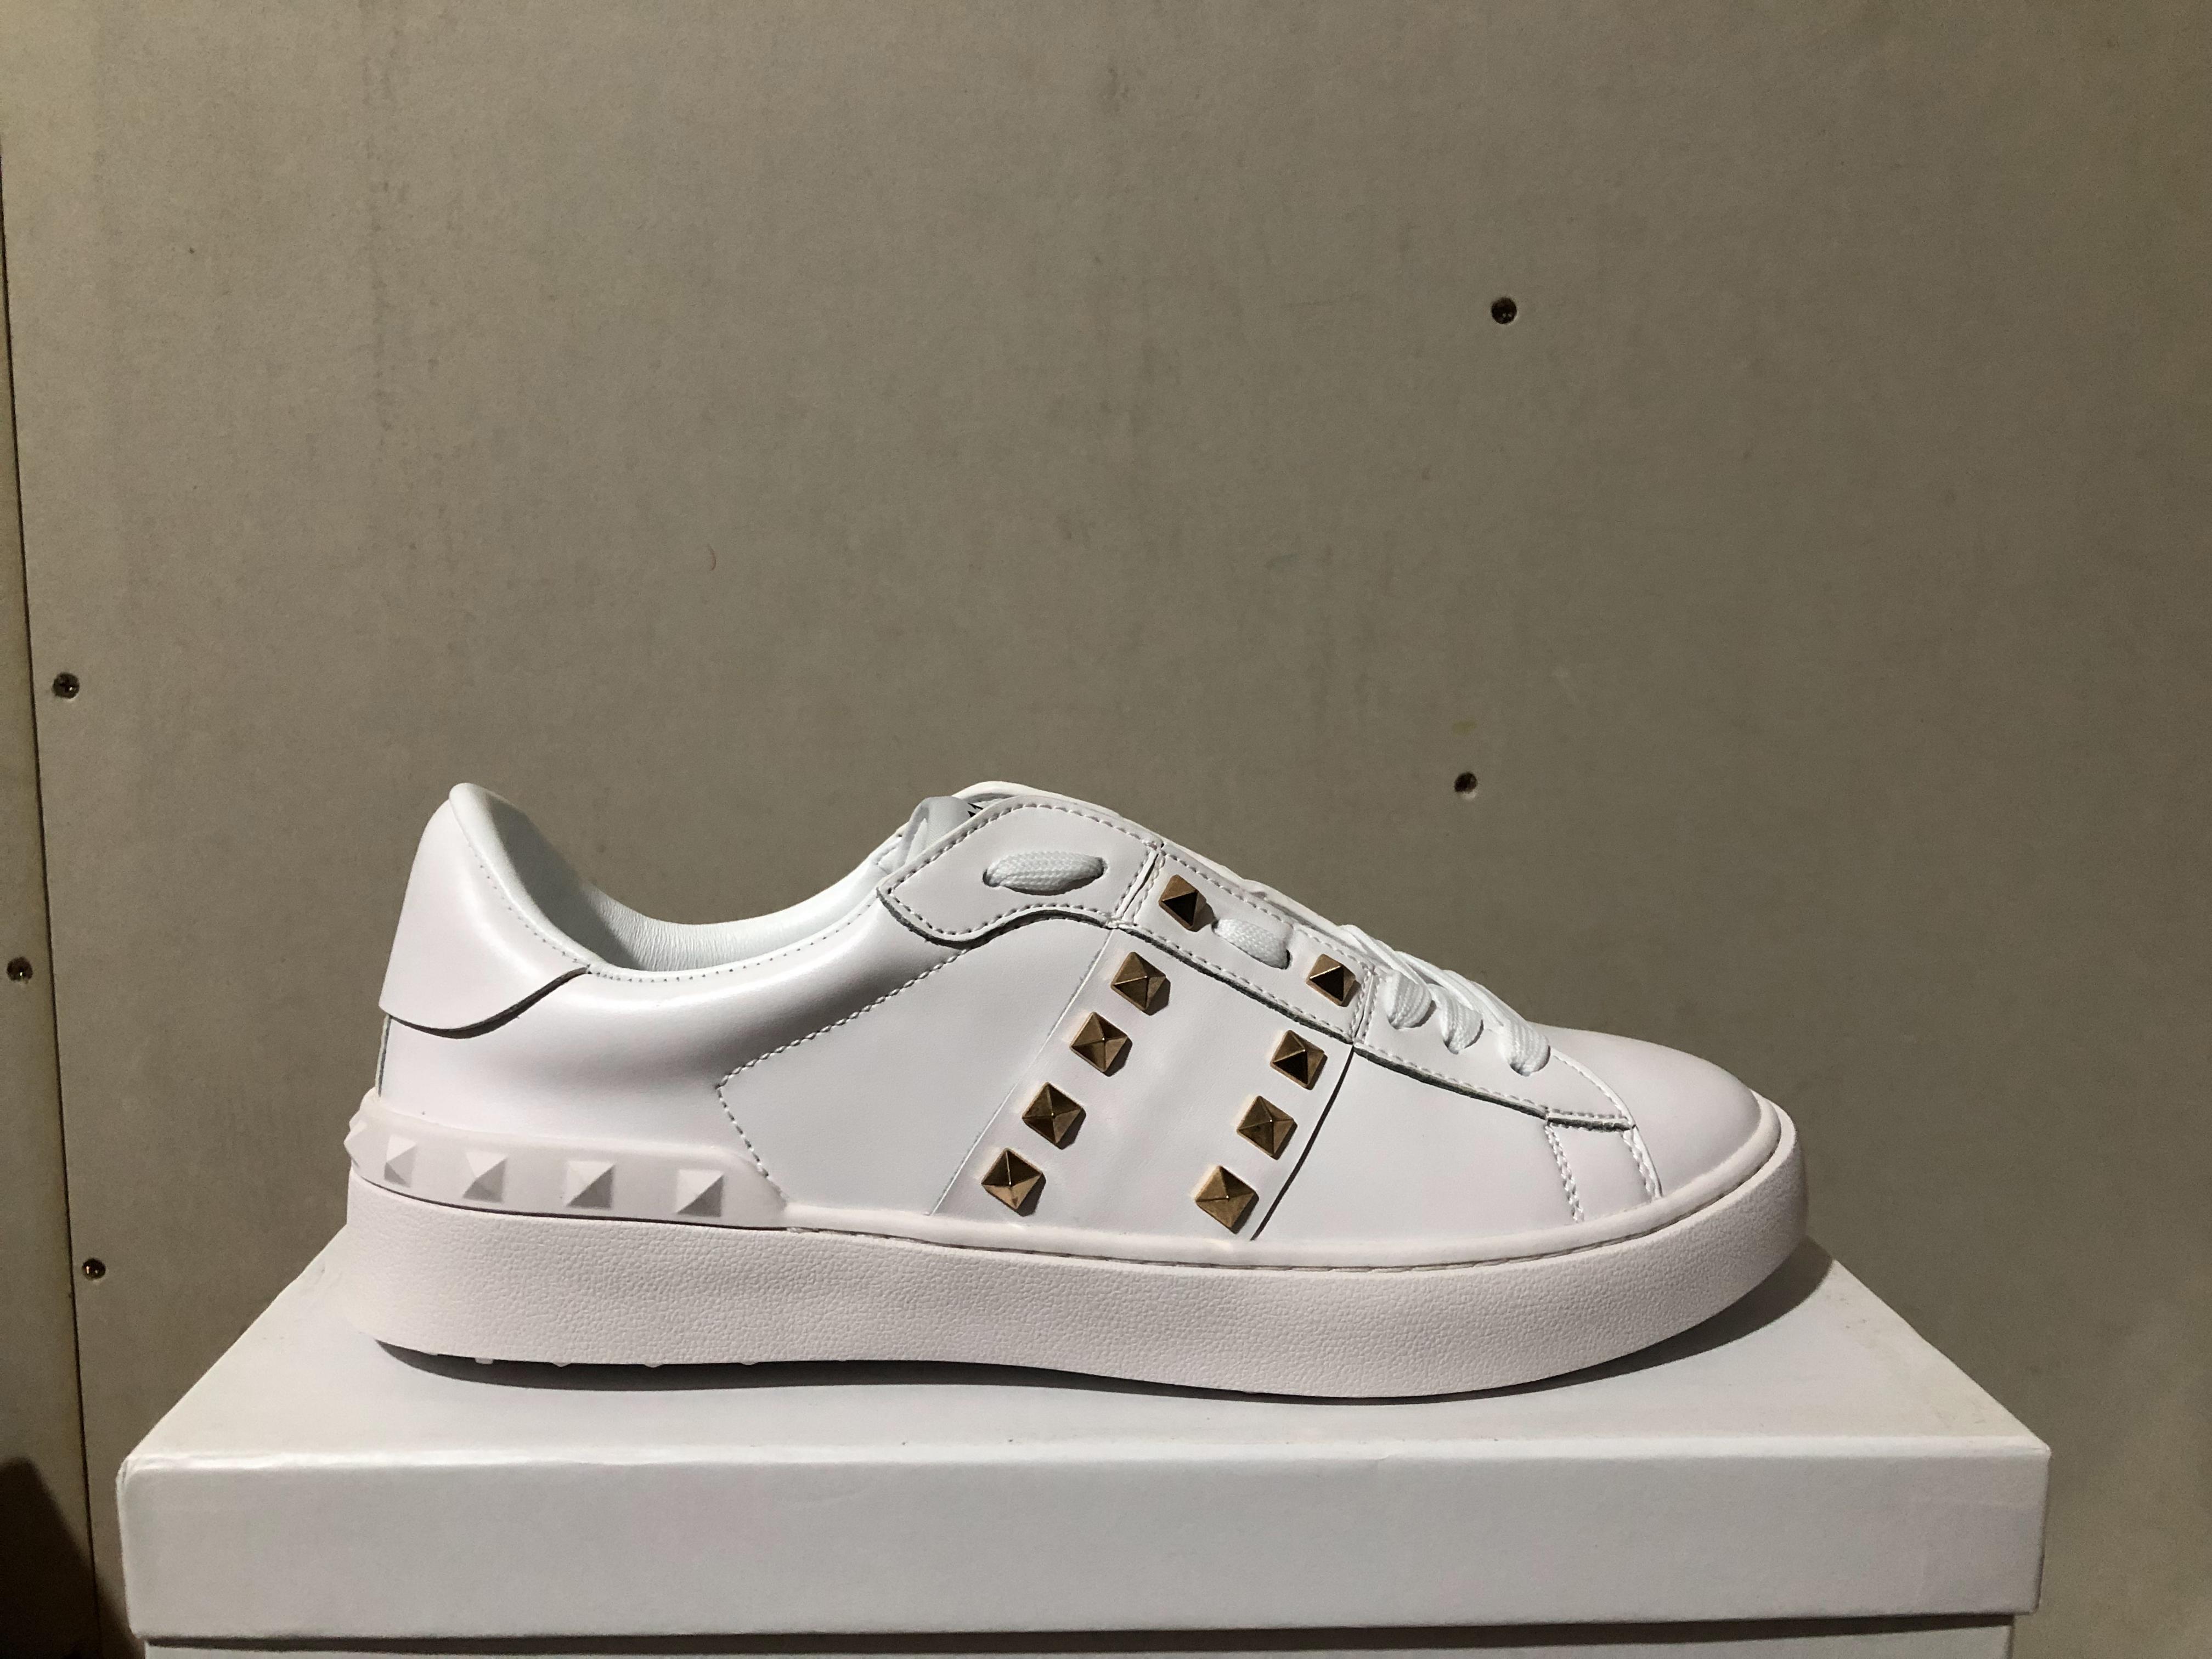 оптовые мужчин, женщин дизайнерские туфли с золотой вербы Цветные ногти прогулочной обуви для продажи женщин платье обувь